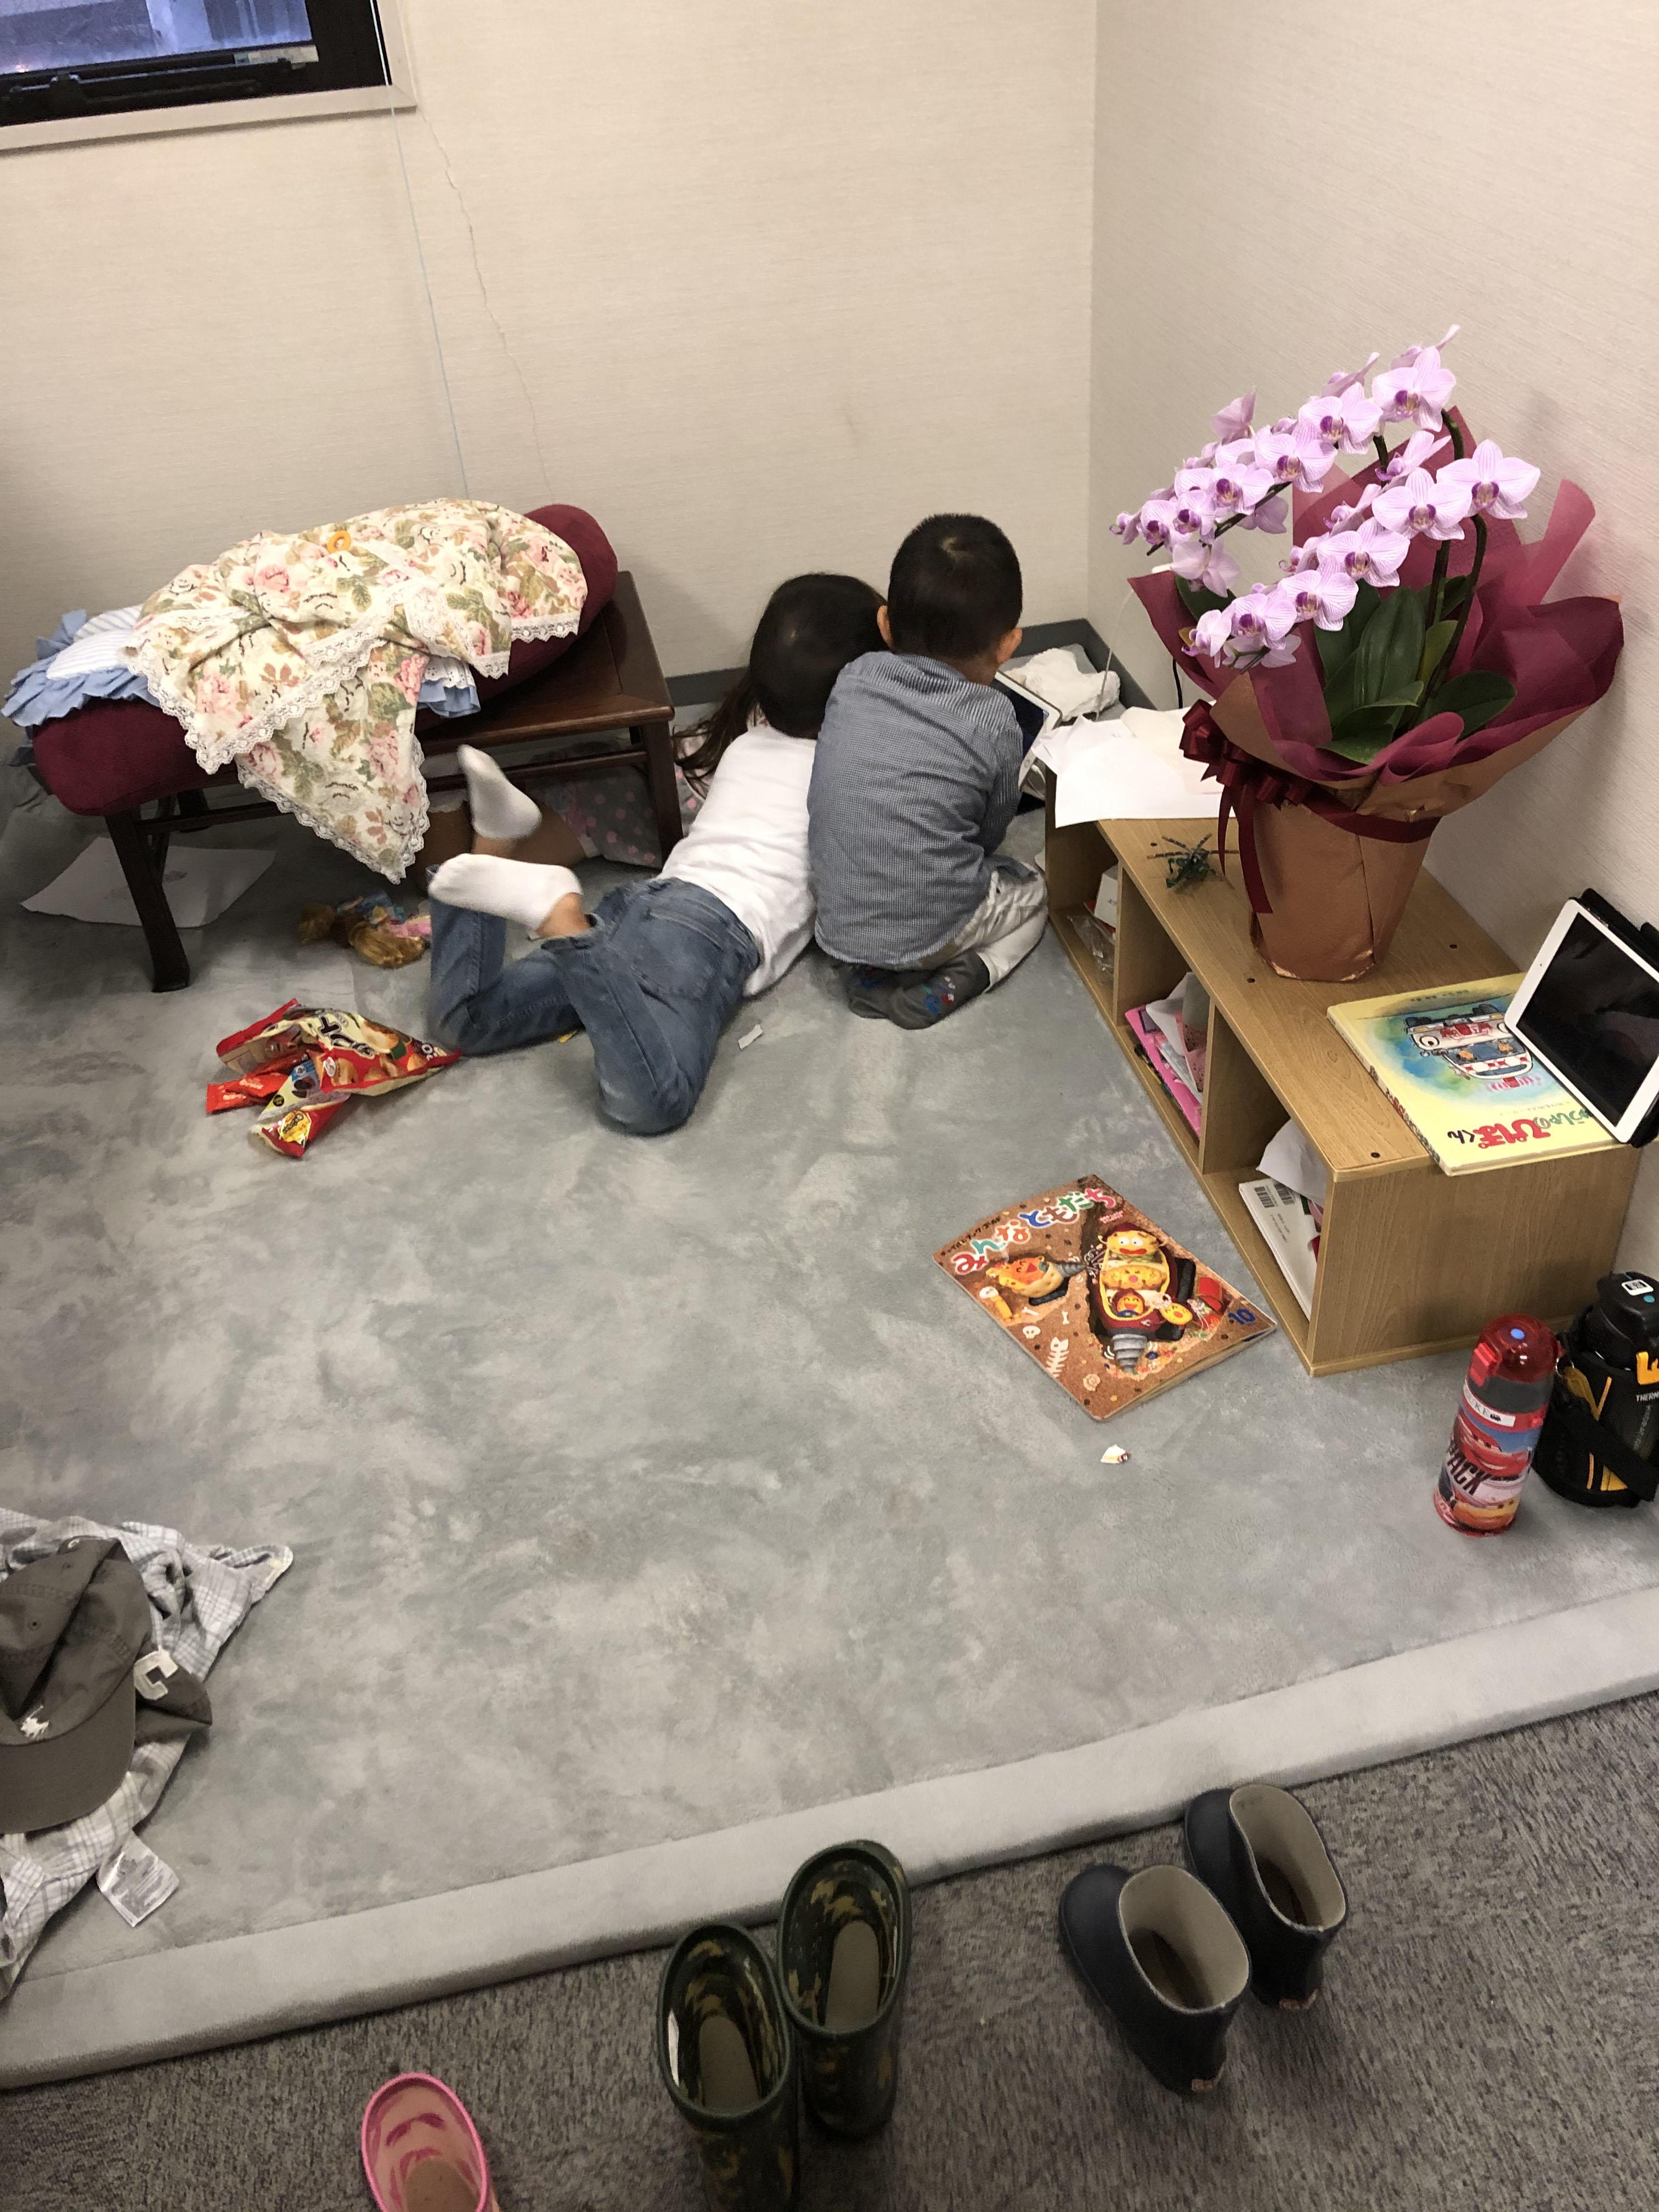 社長室にキッズルーム 老舗企業が「女性とママの視点」で働き方改革